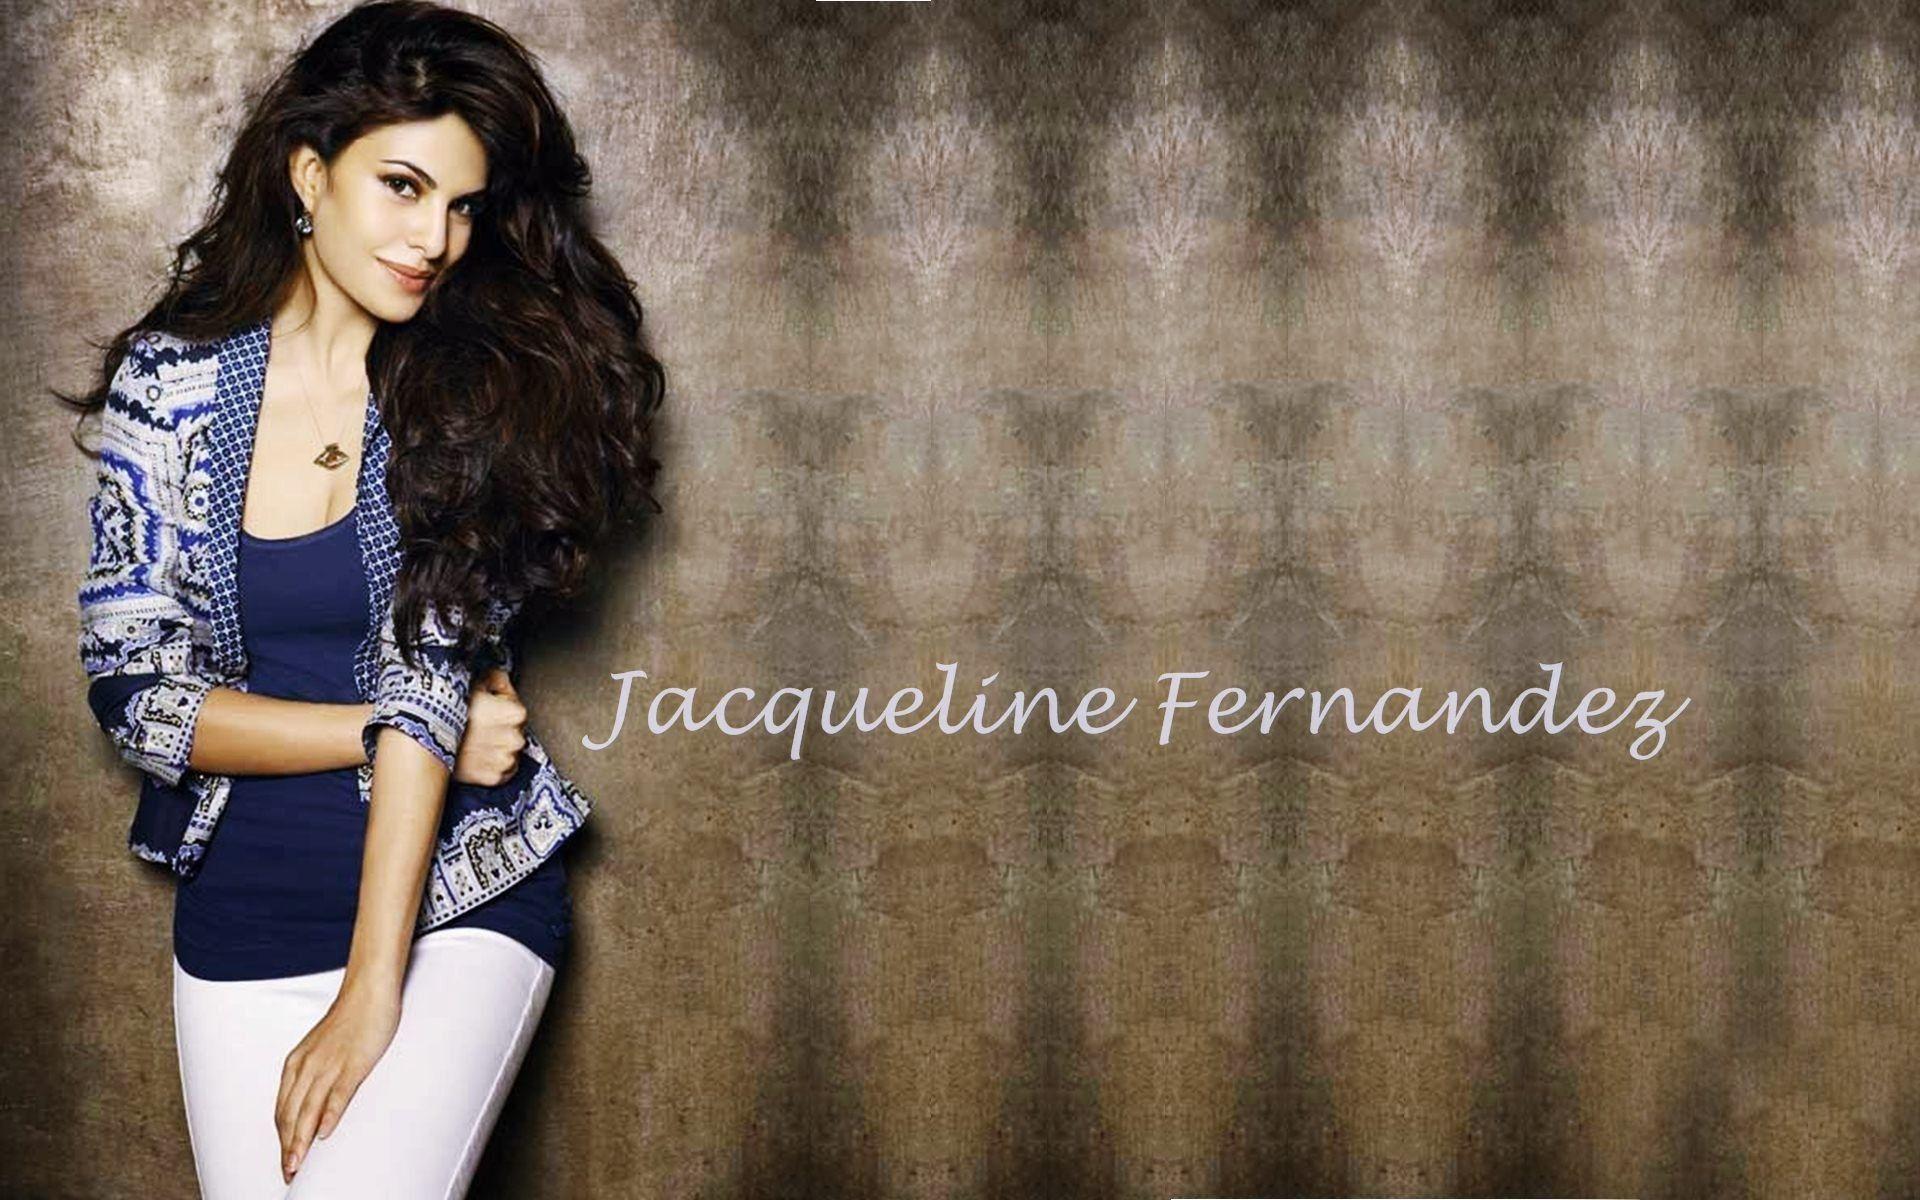 jacqueline_fernandez_971371